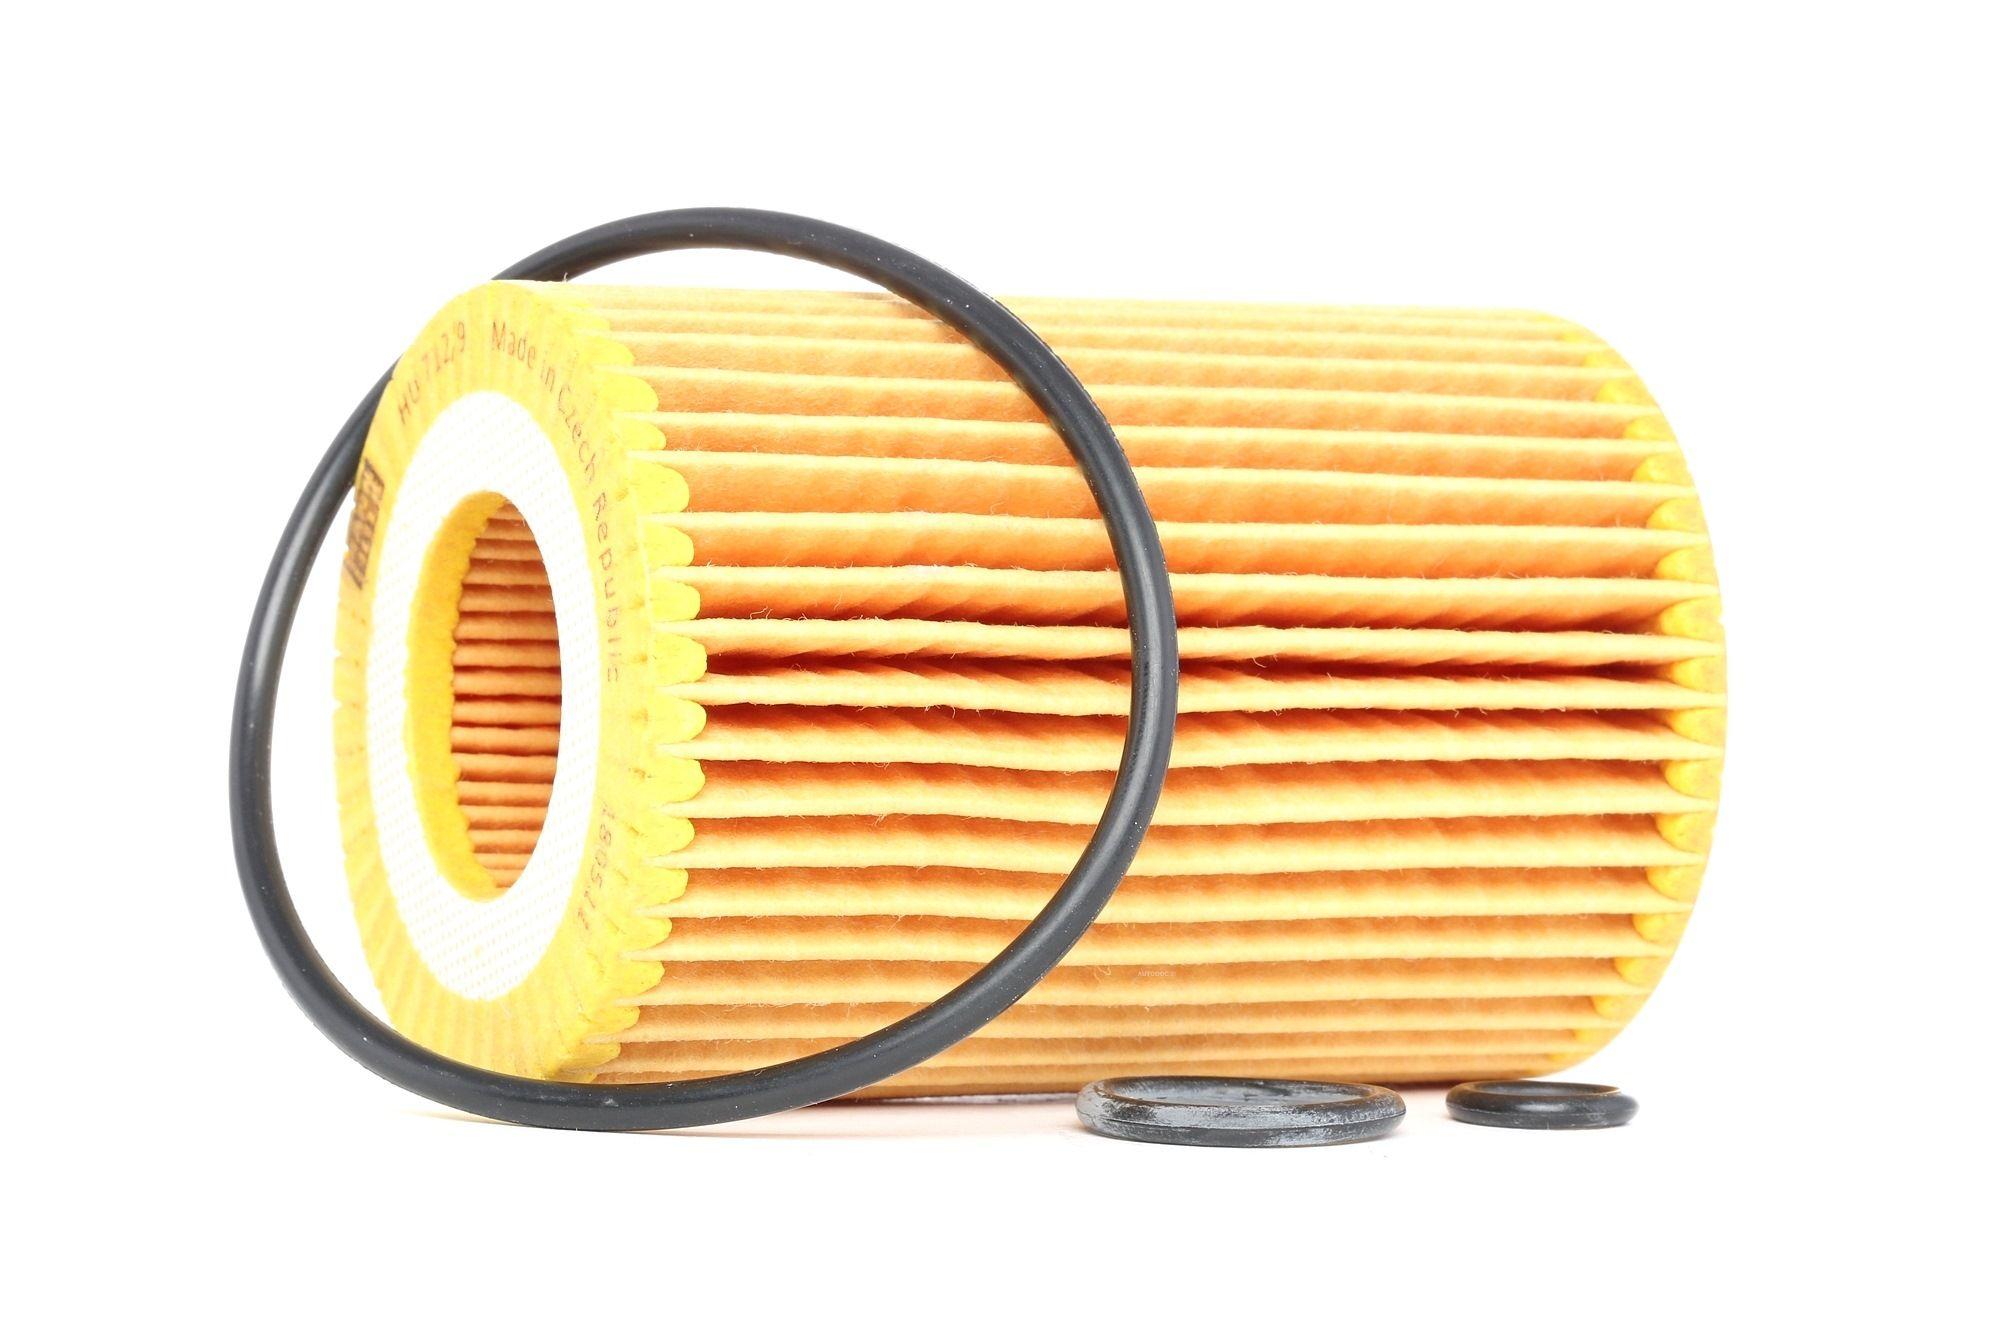 MANN-FILTER: Original Ölfilter HU 712/9 x (Innendurchmesser: 31mm, Innendurchmesser 2: 31mm, Ø: 64mm, Höhe: 94mm)